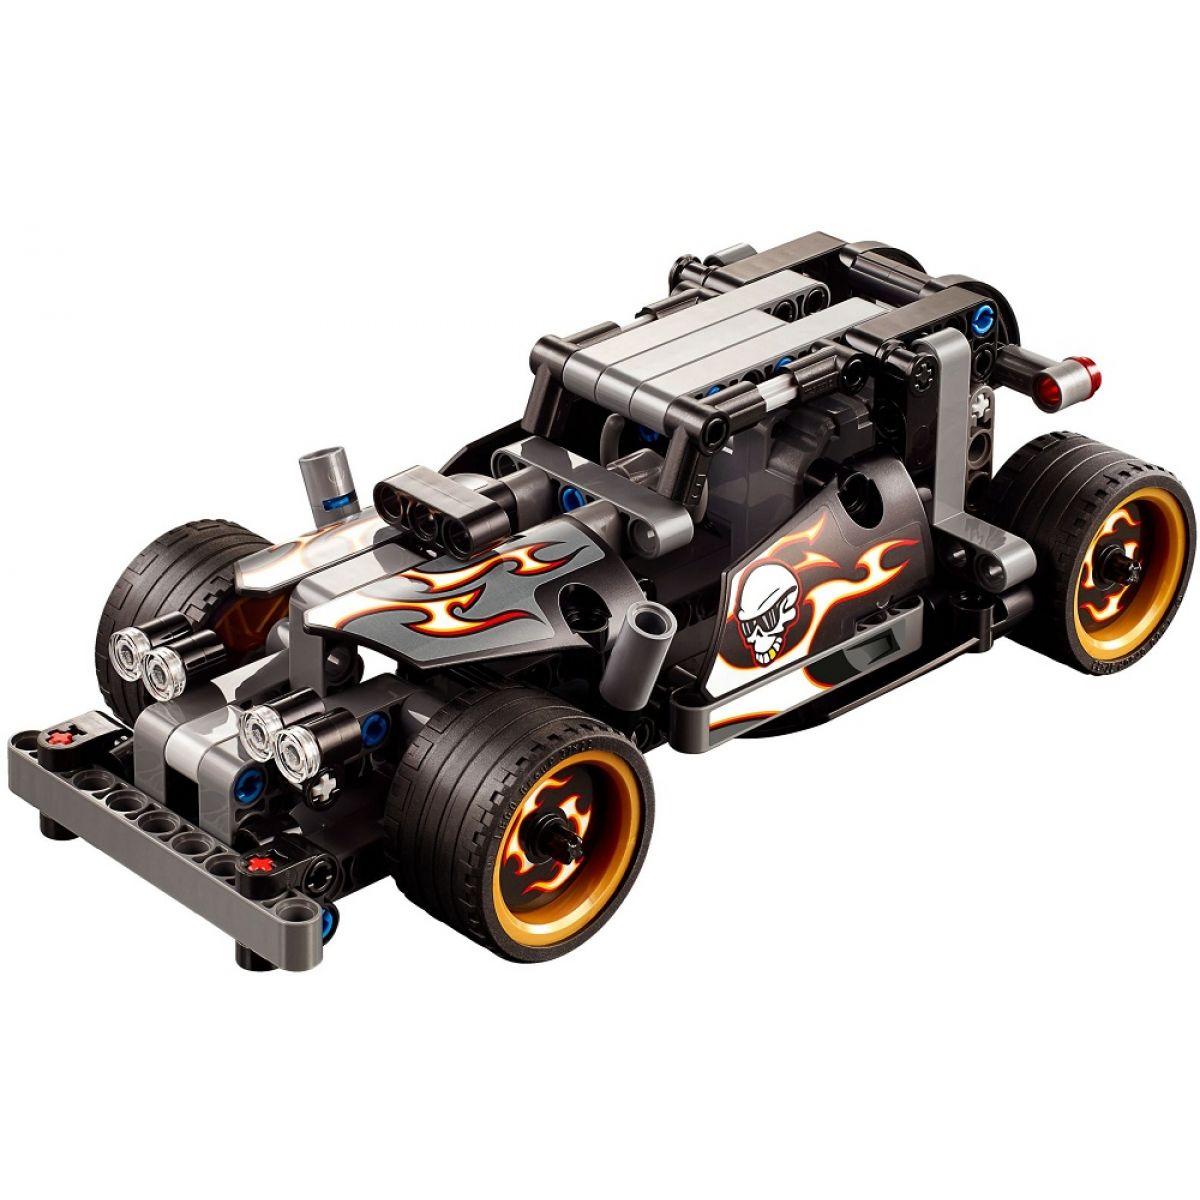 LEGO Technic 42046 Únikové závodní auto #2